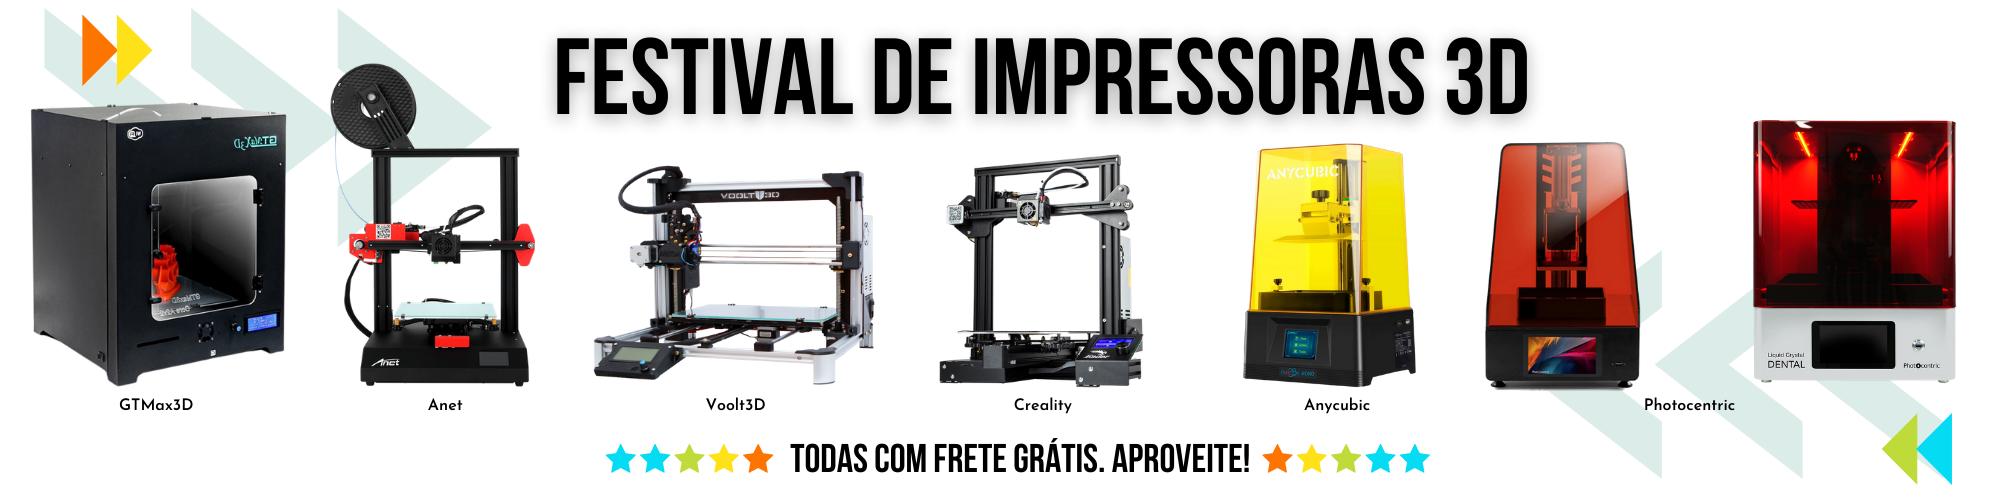 Impressoras 3D com Frete Grátis